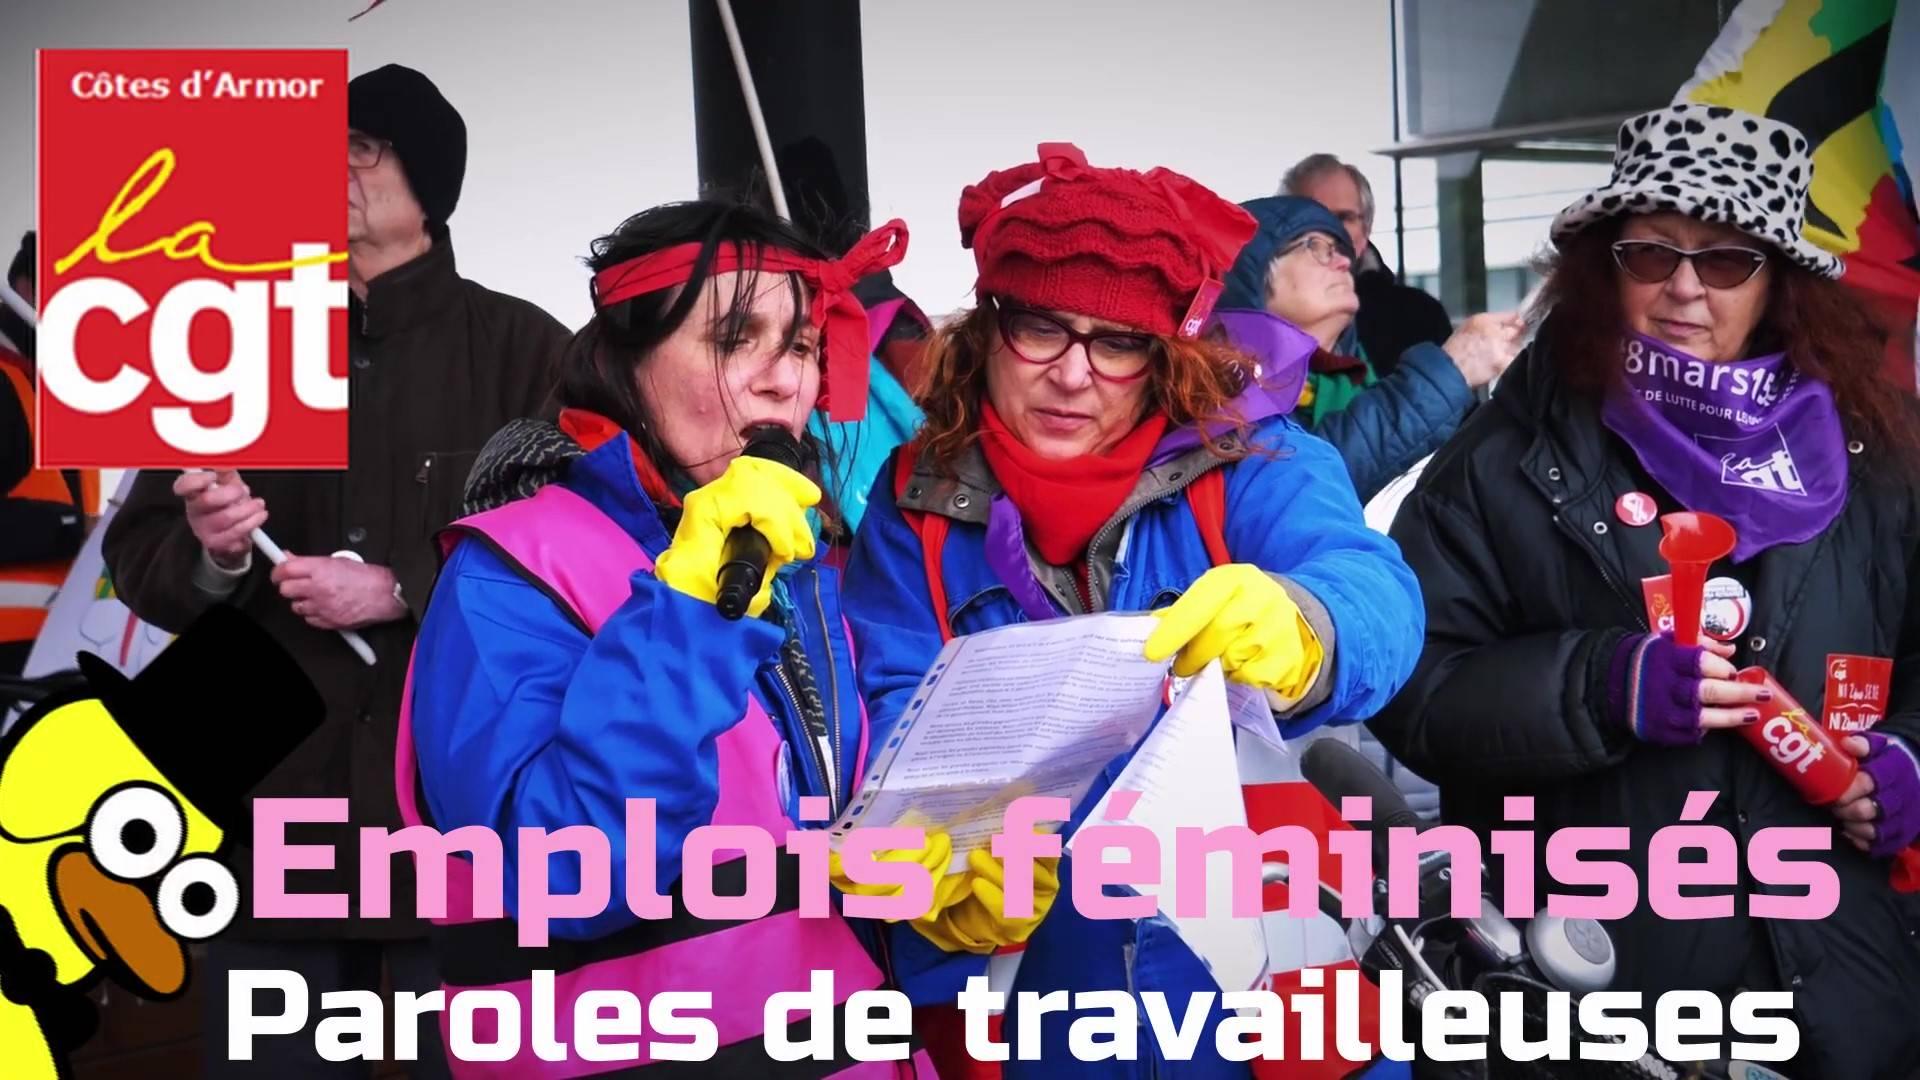 Reportage – Emplois féminisés : Paroles de travailleuses dans les Côtes d'Armor